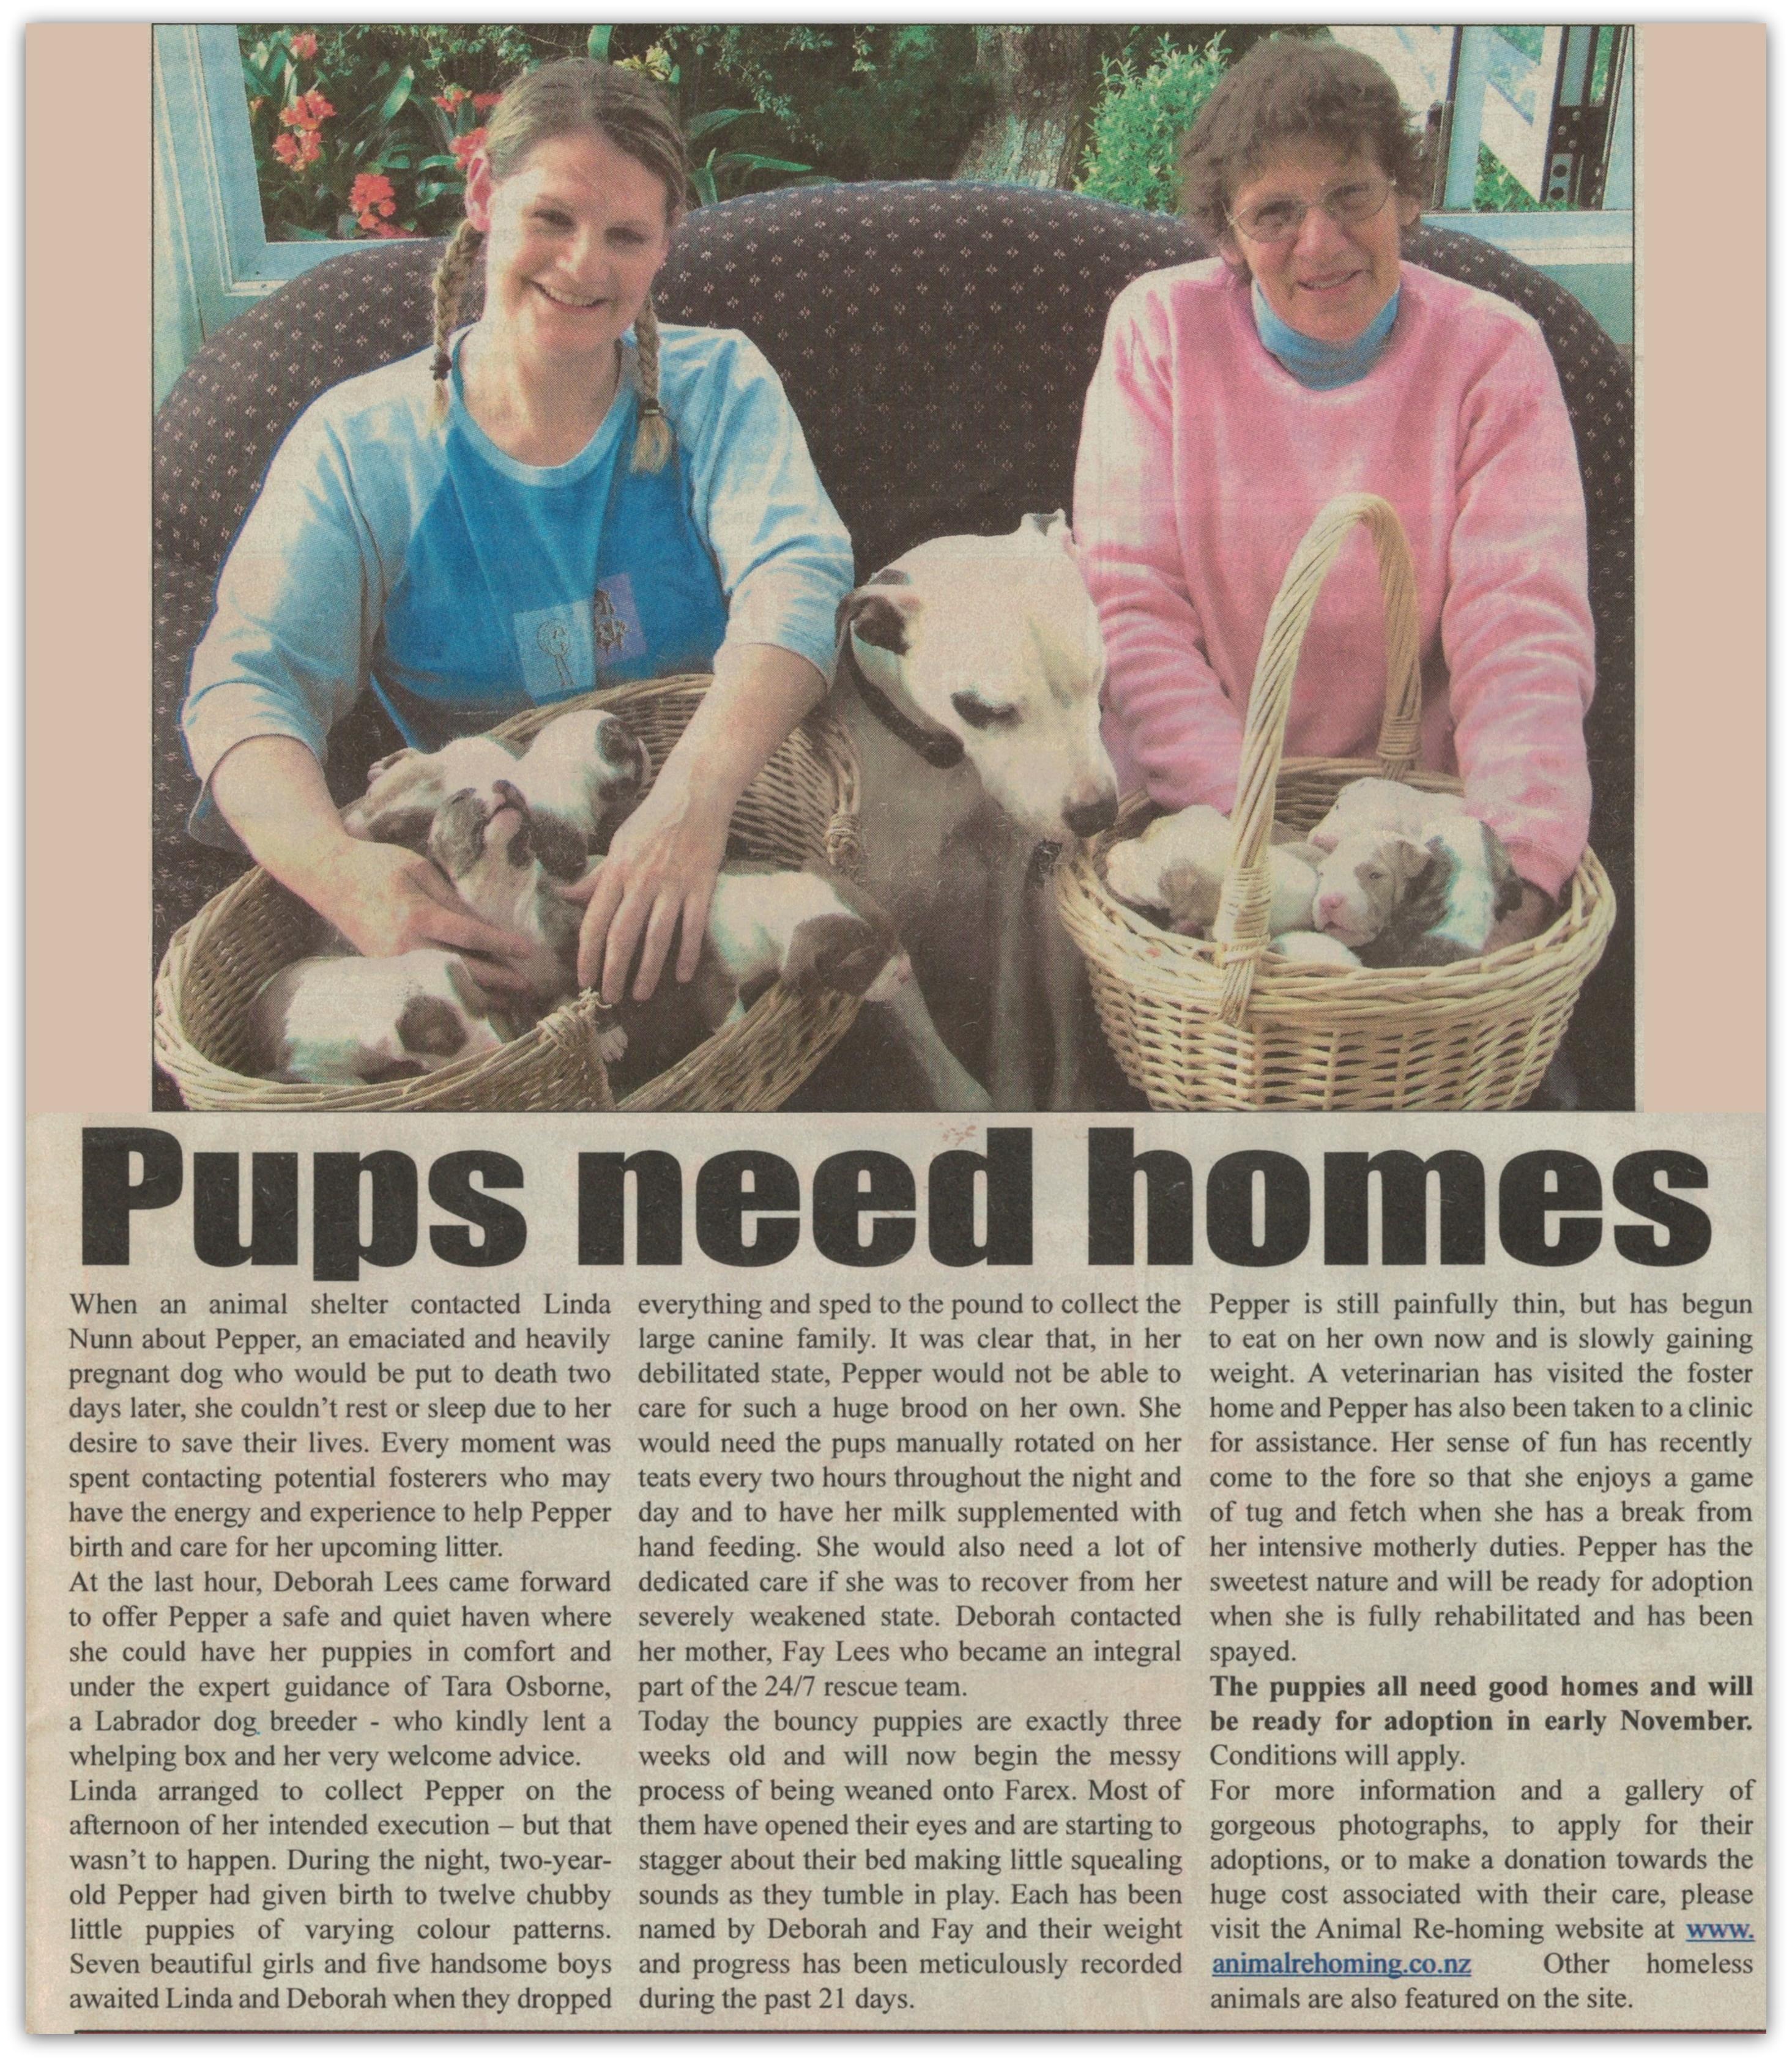 pups-need-homes